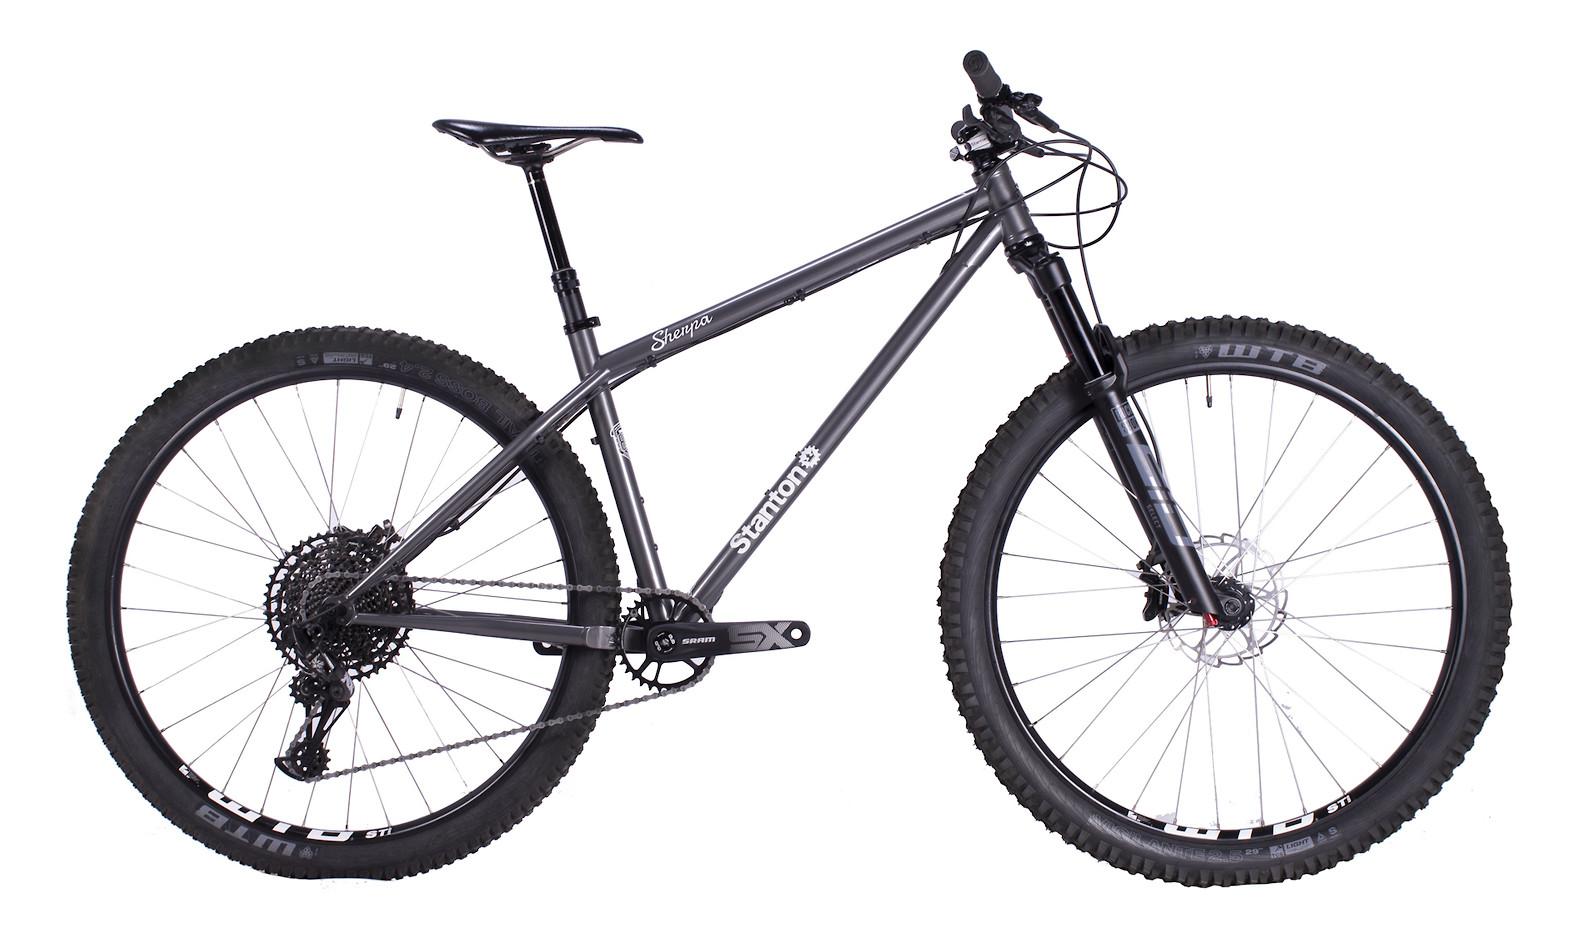 2020 Stanton Sherpa 853 Gen 3 Standard